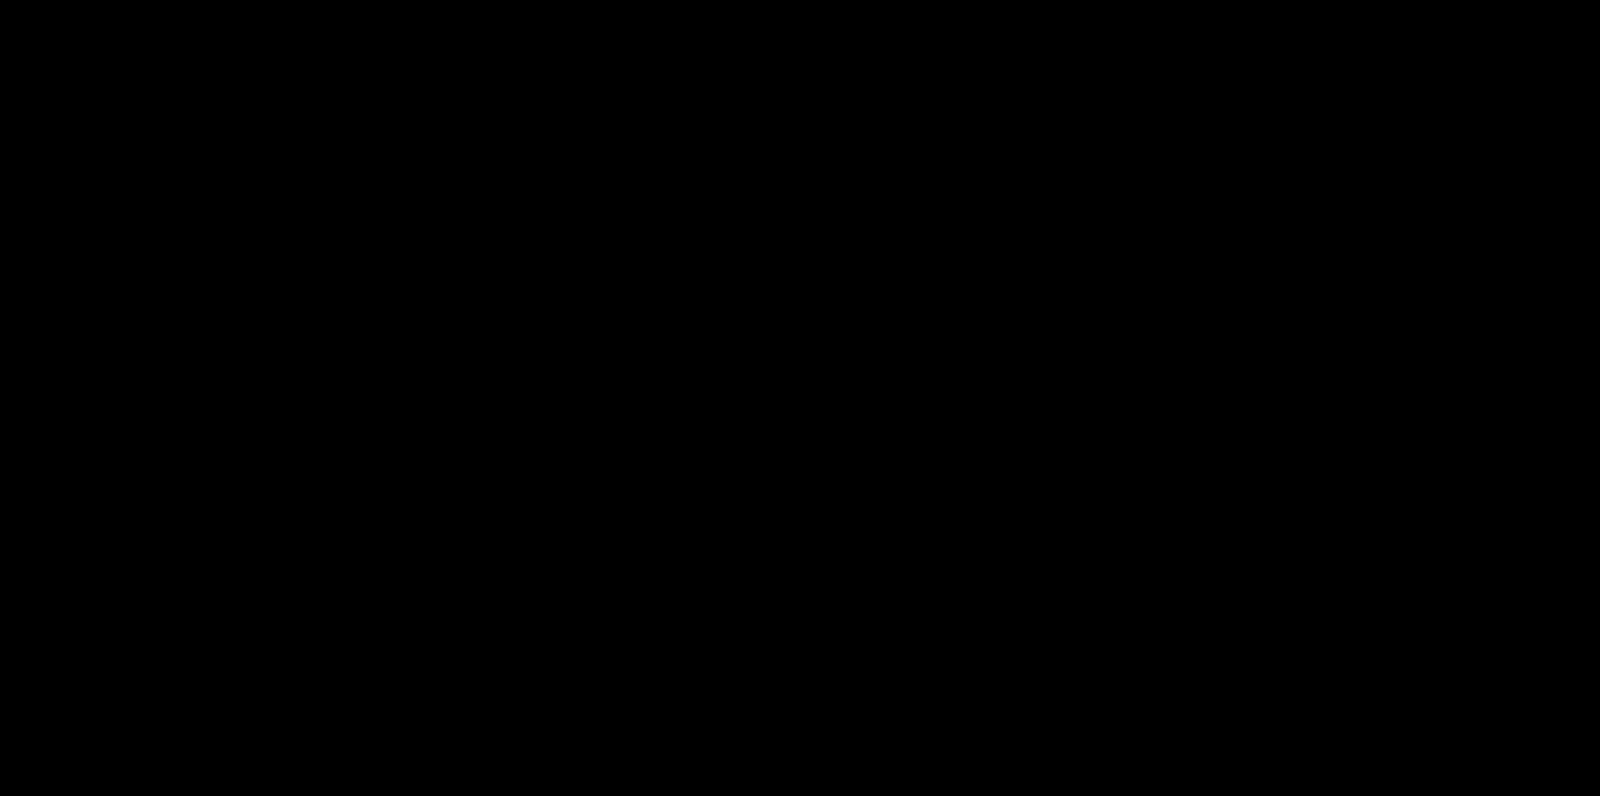 خلفيات هاتف ايفون شفافة للدروس تحميل خلفية ايفون 8 بلس الصور